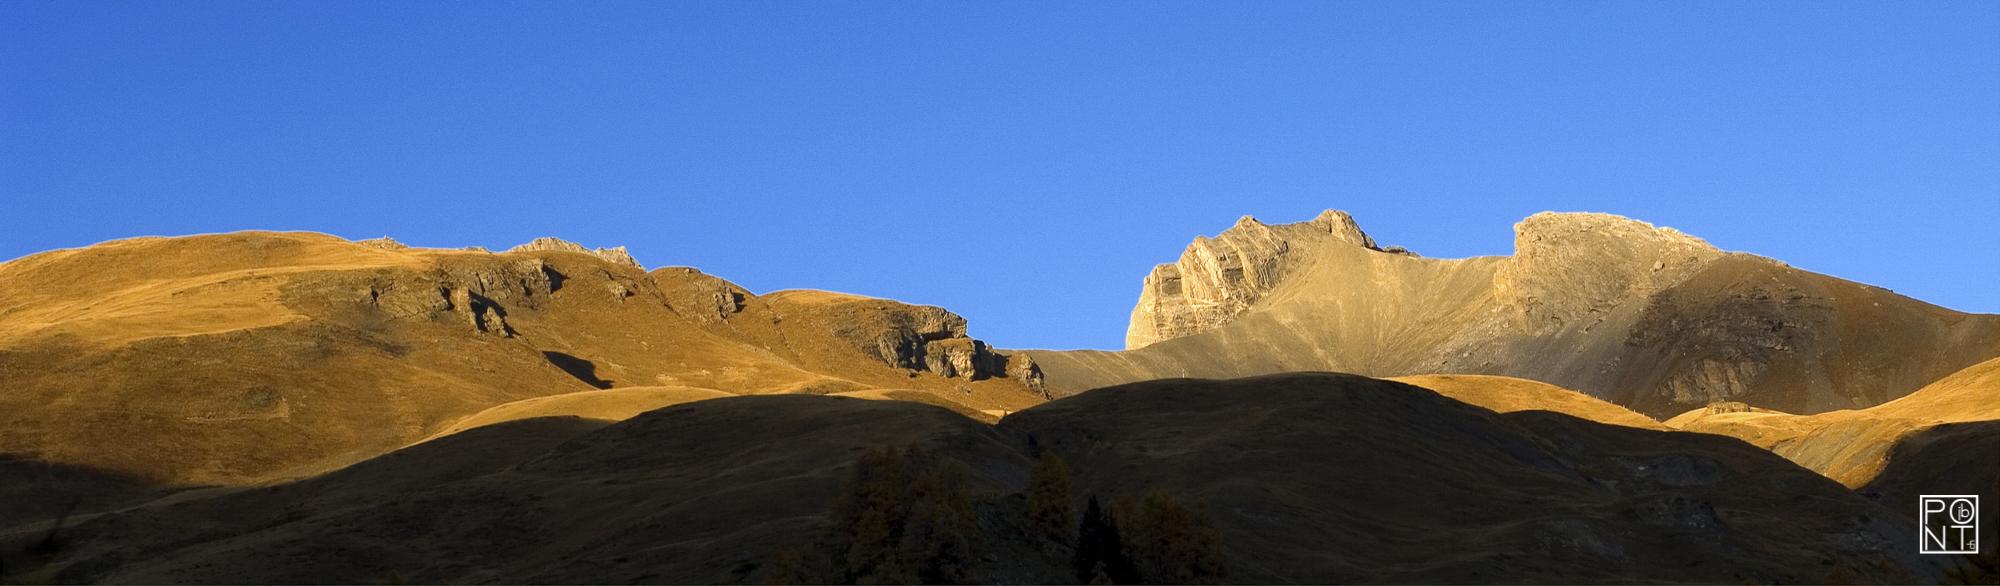 Col de la Roue, Vallon de la Tièche